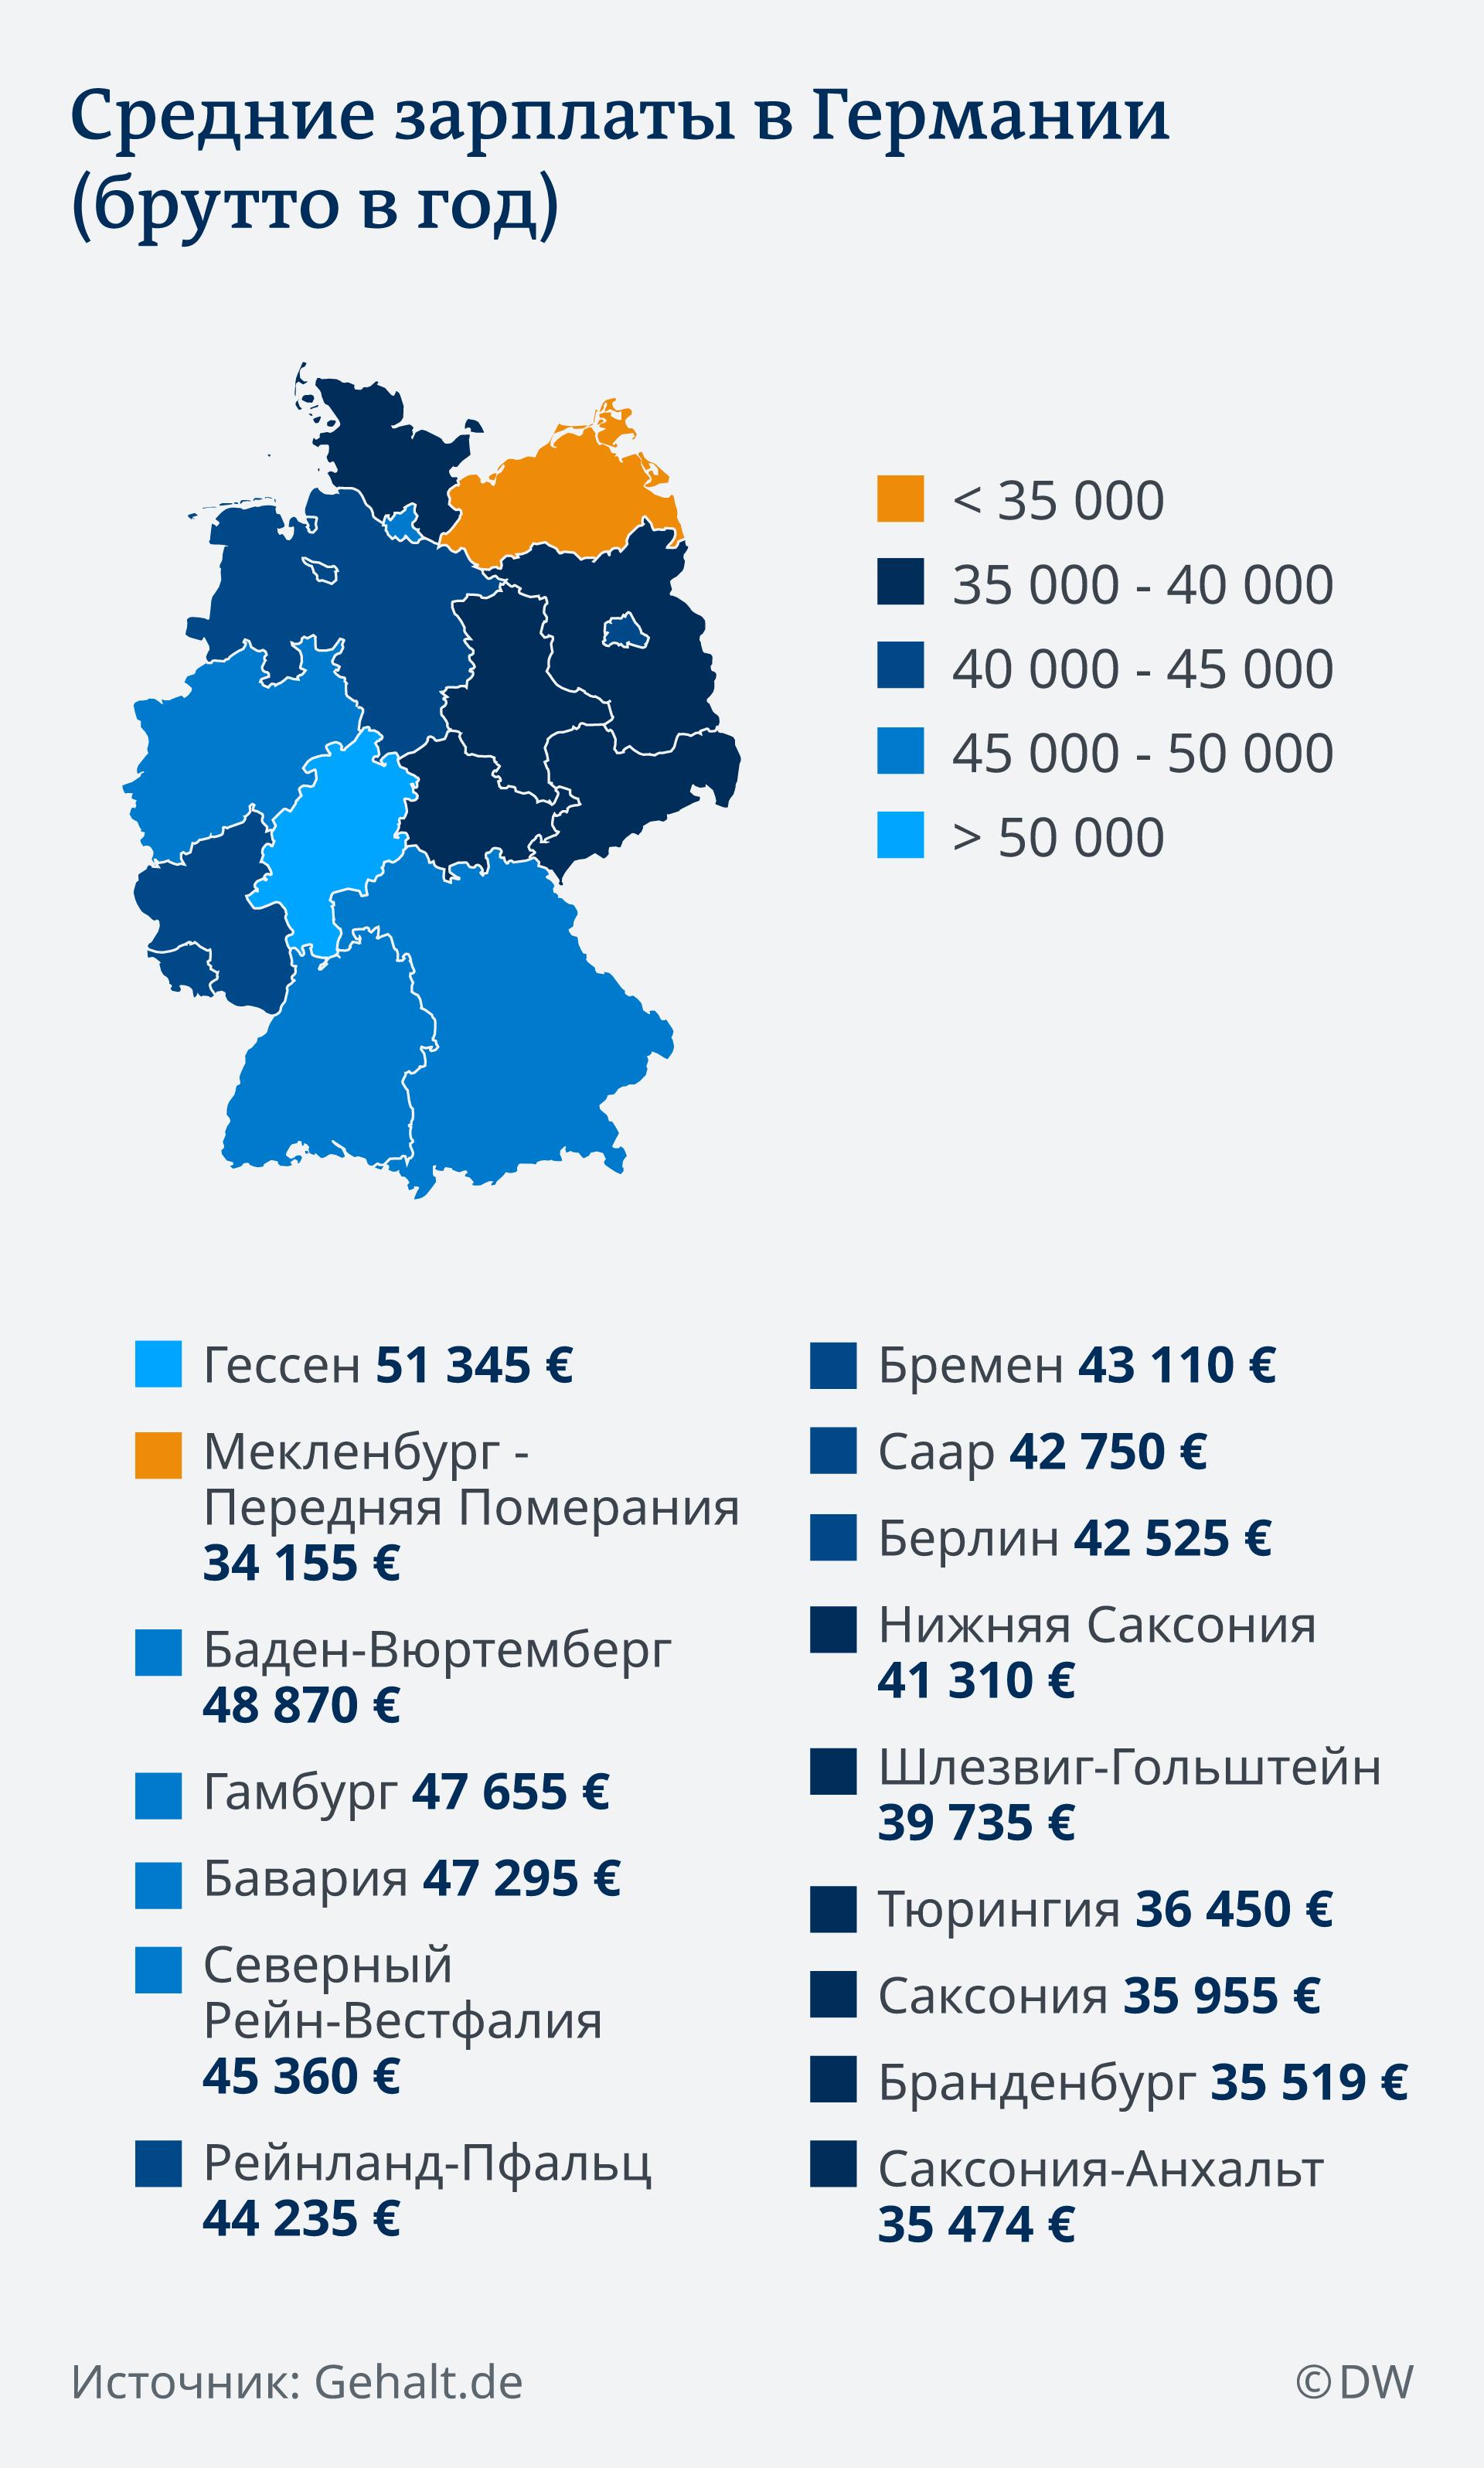 Средние зарплаты в Германии